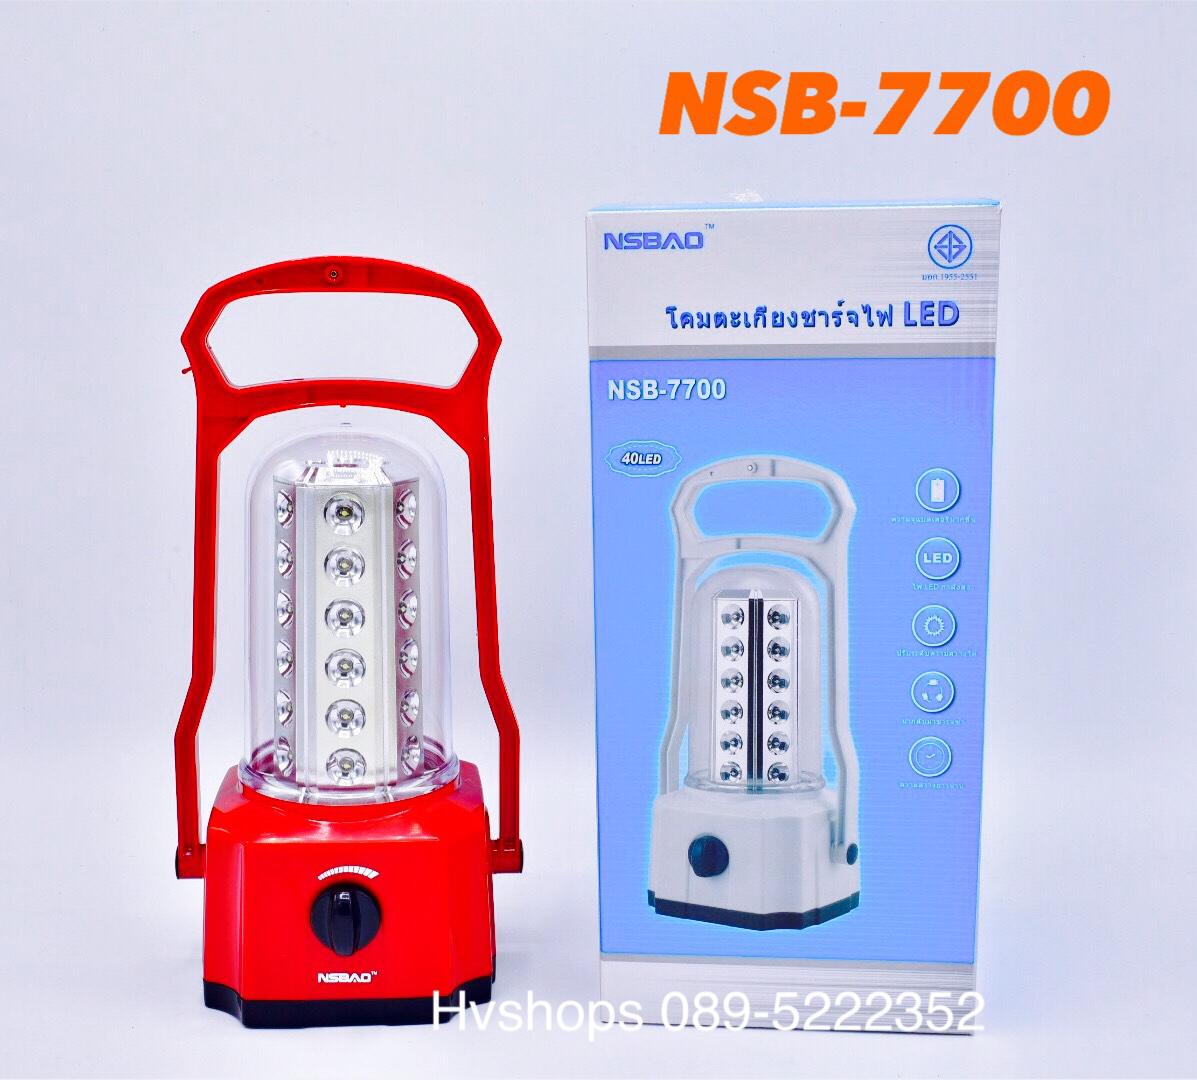 ตะเกียง LED รุ่น NSB-7700